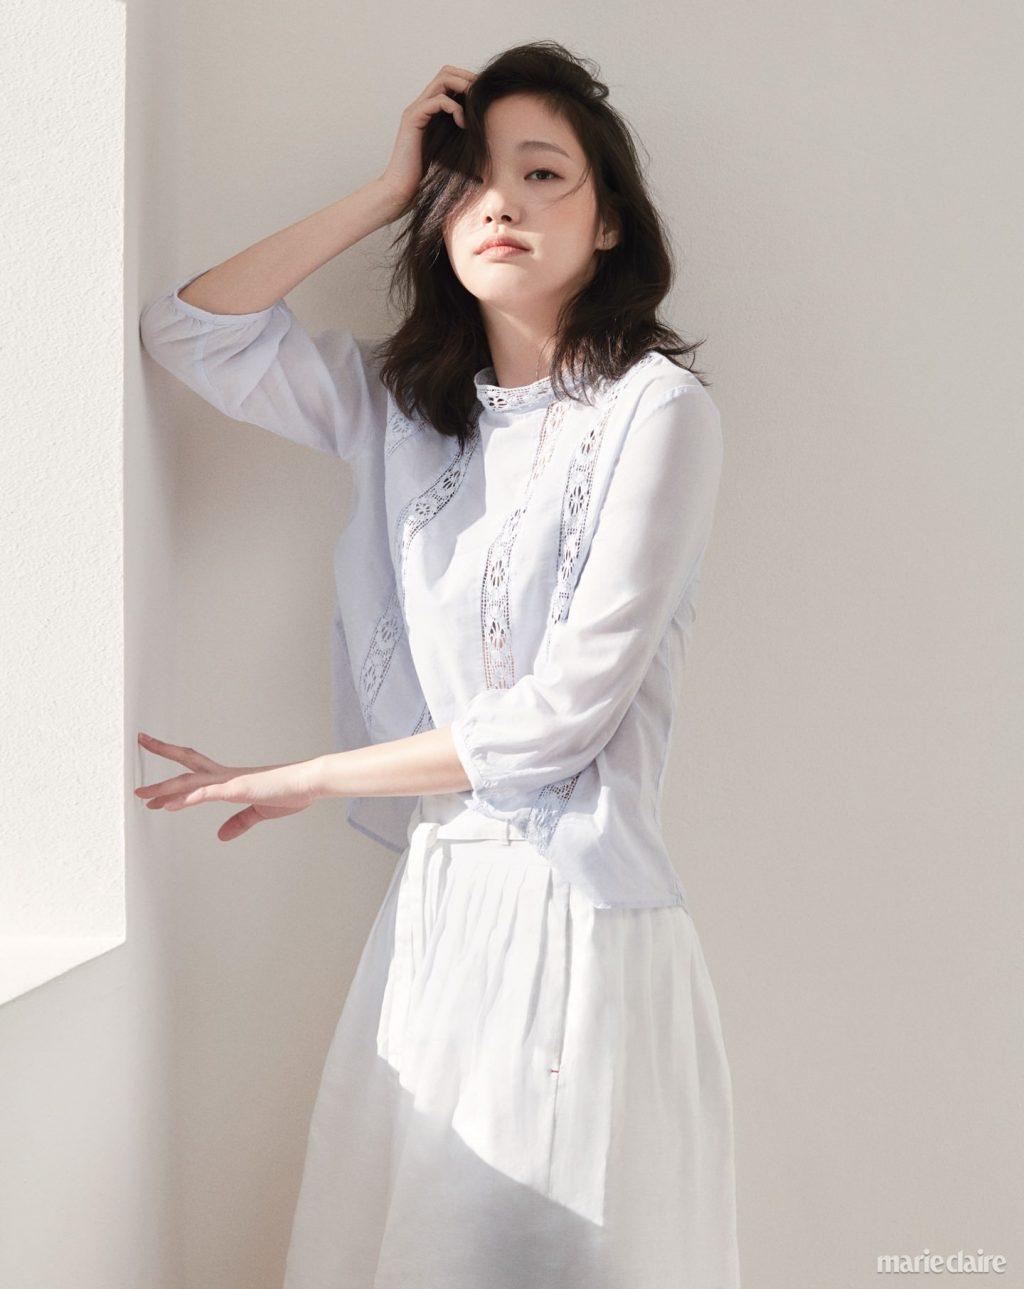 Tiêu chuẩn cái đẹp Kim Go Eun 3